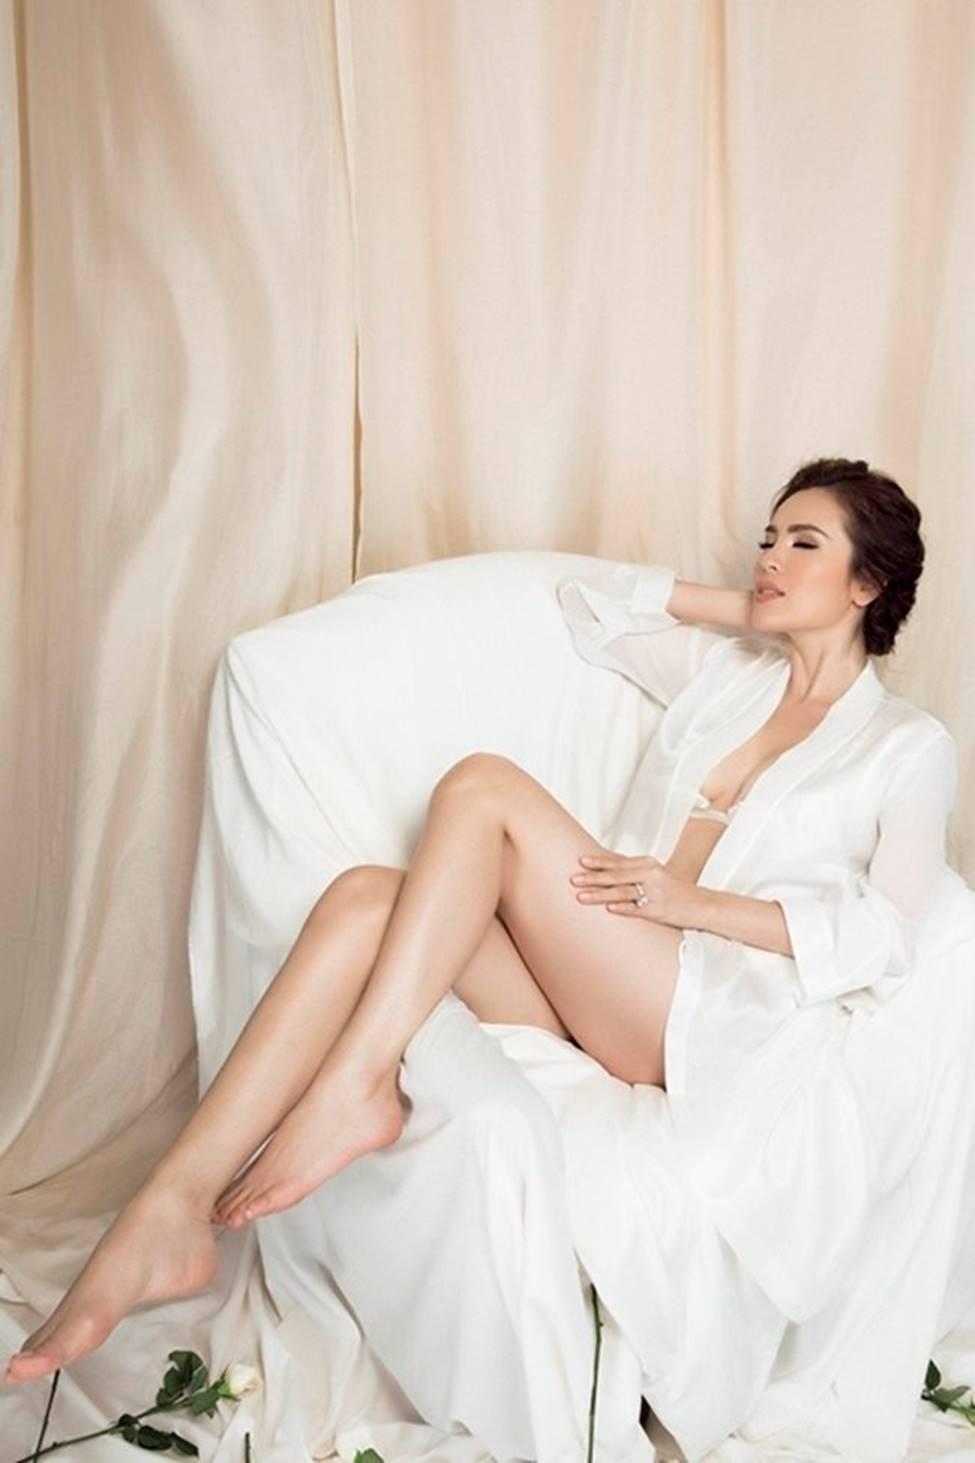 Mặc váy ngủ: Kỳ Duyên bị chê, dàn mỹ nhân này được khen tinh tế-6